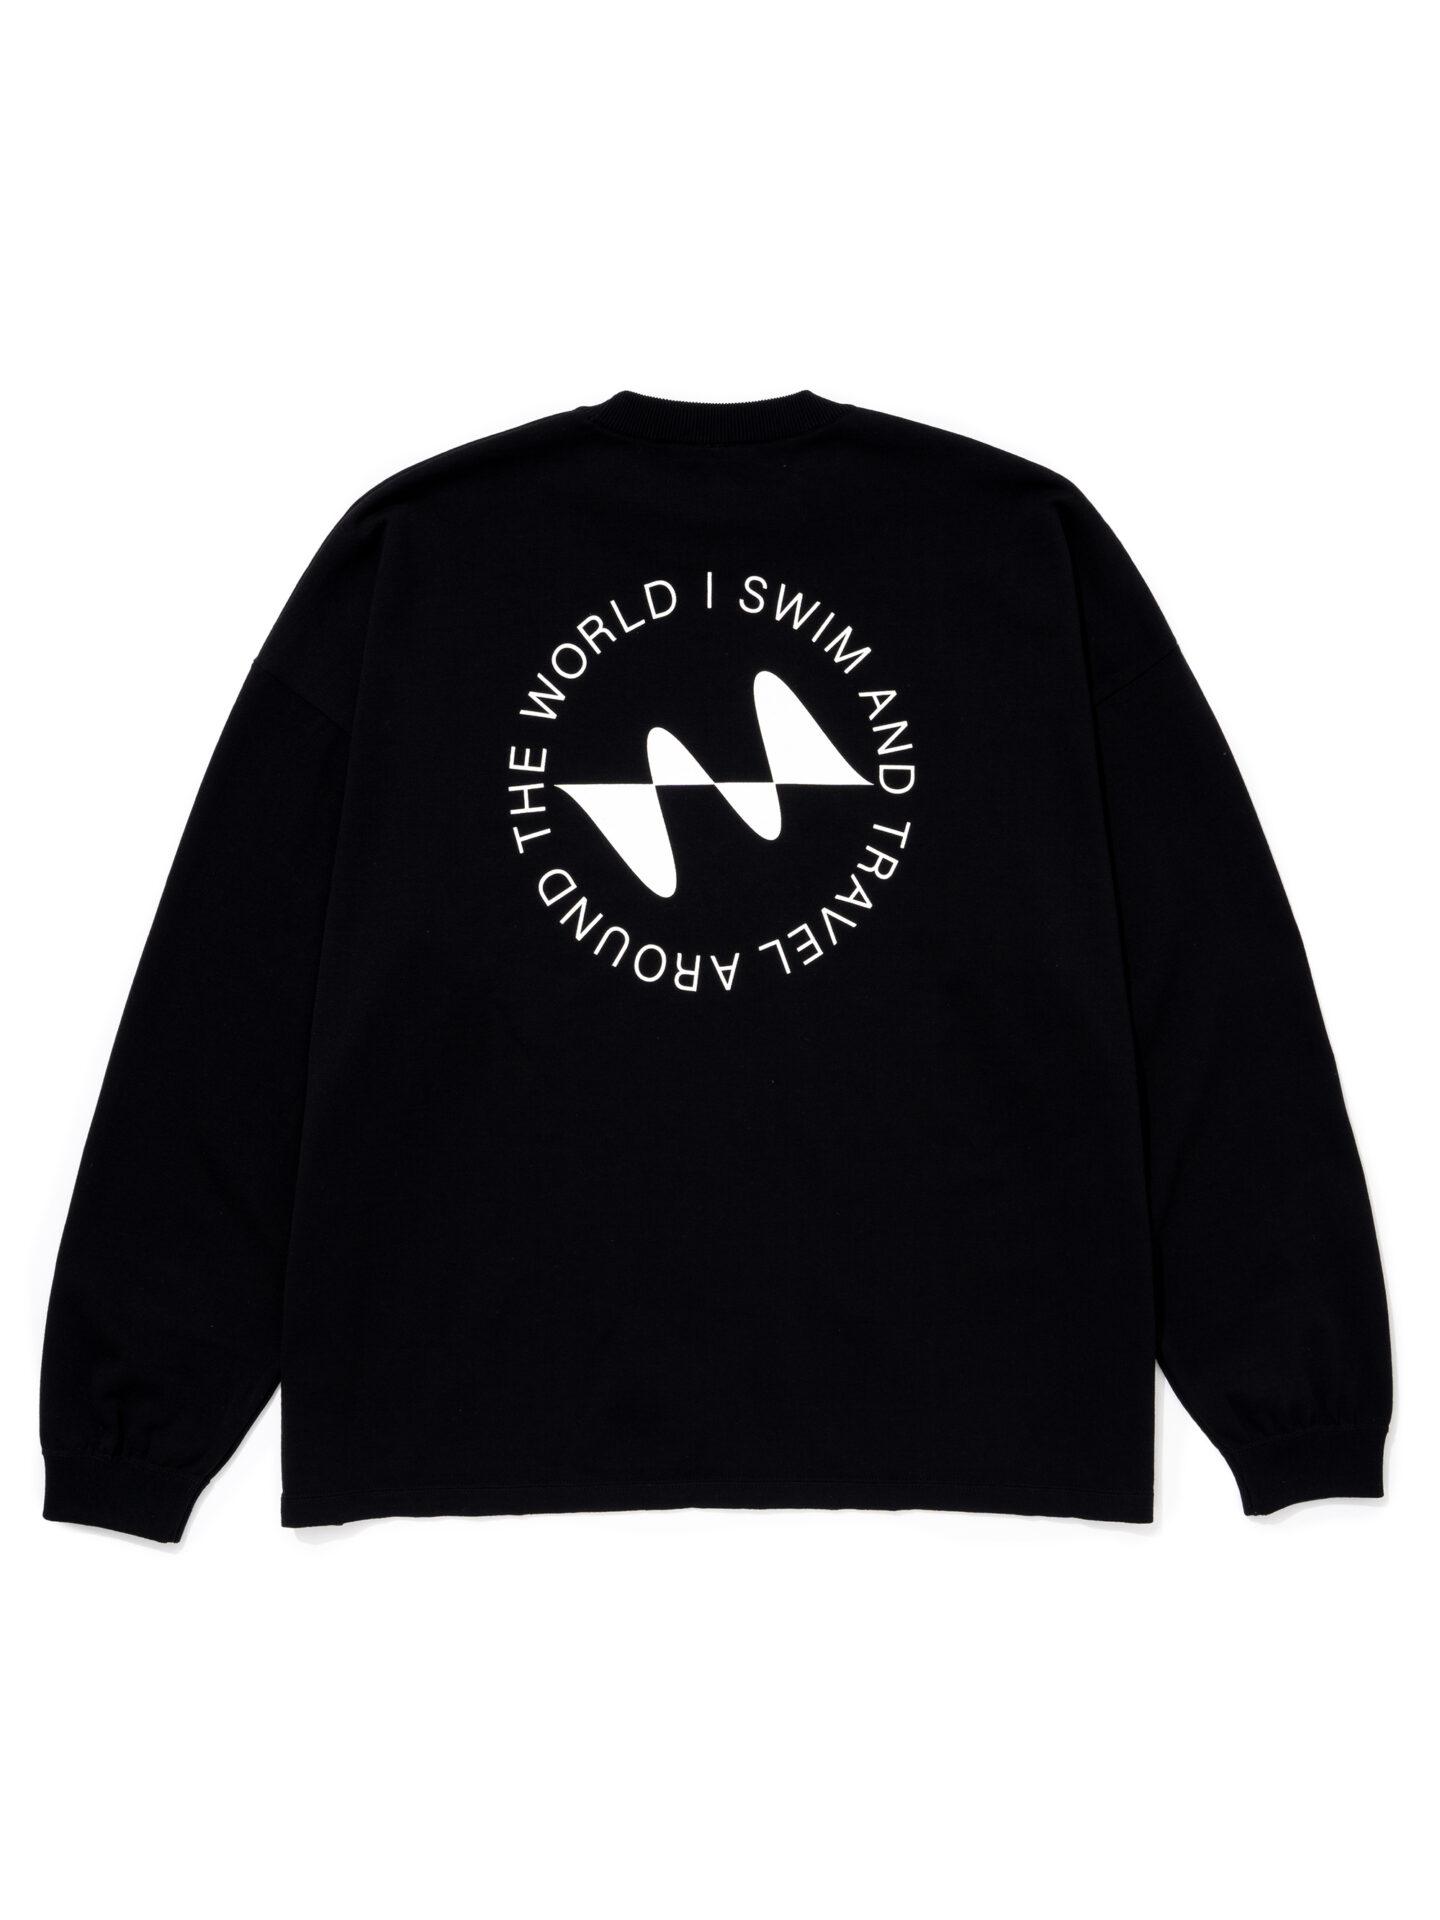 【超撥水】オーガニックコットン100%使用 最高級 I SWIMロゴ長袖Tシャツ -黒